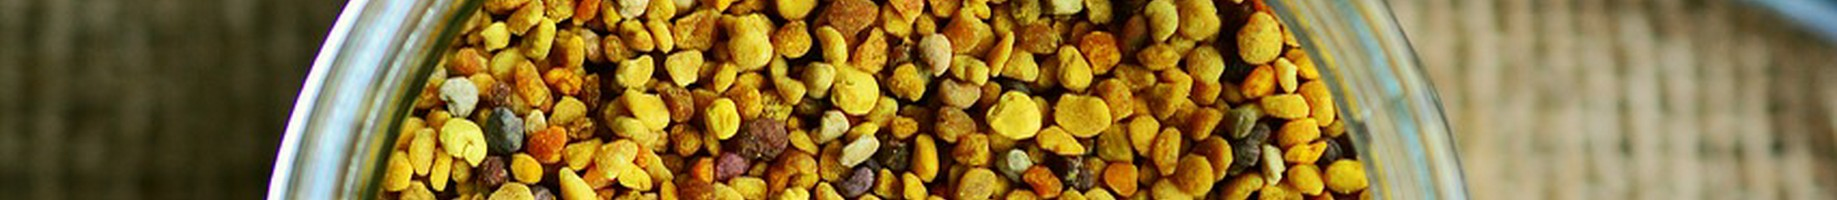 bee-pollen-2549125_1280